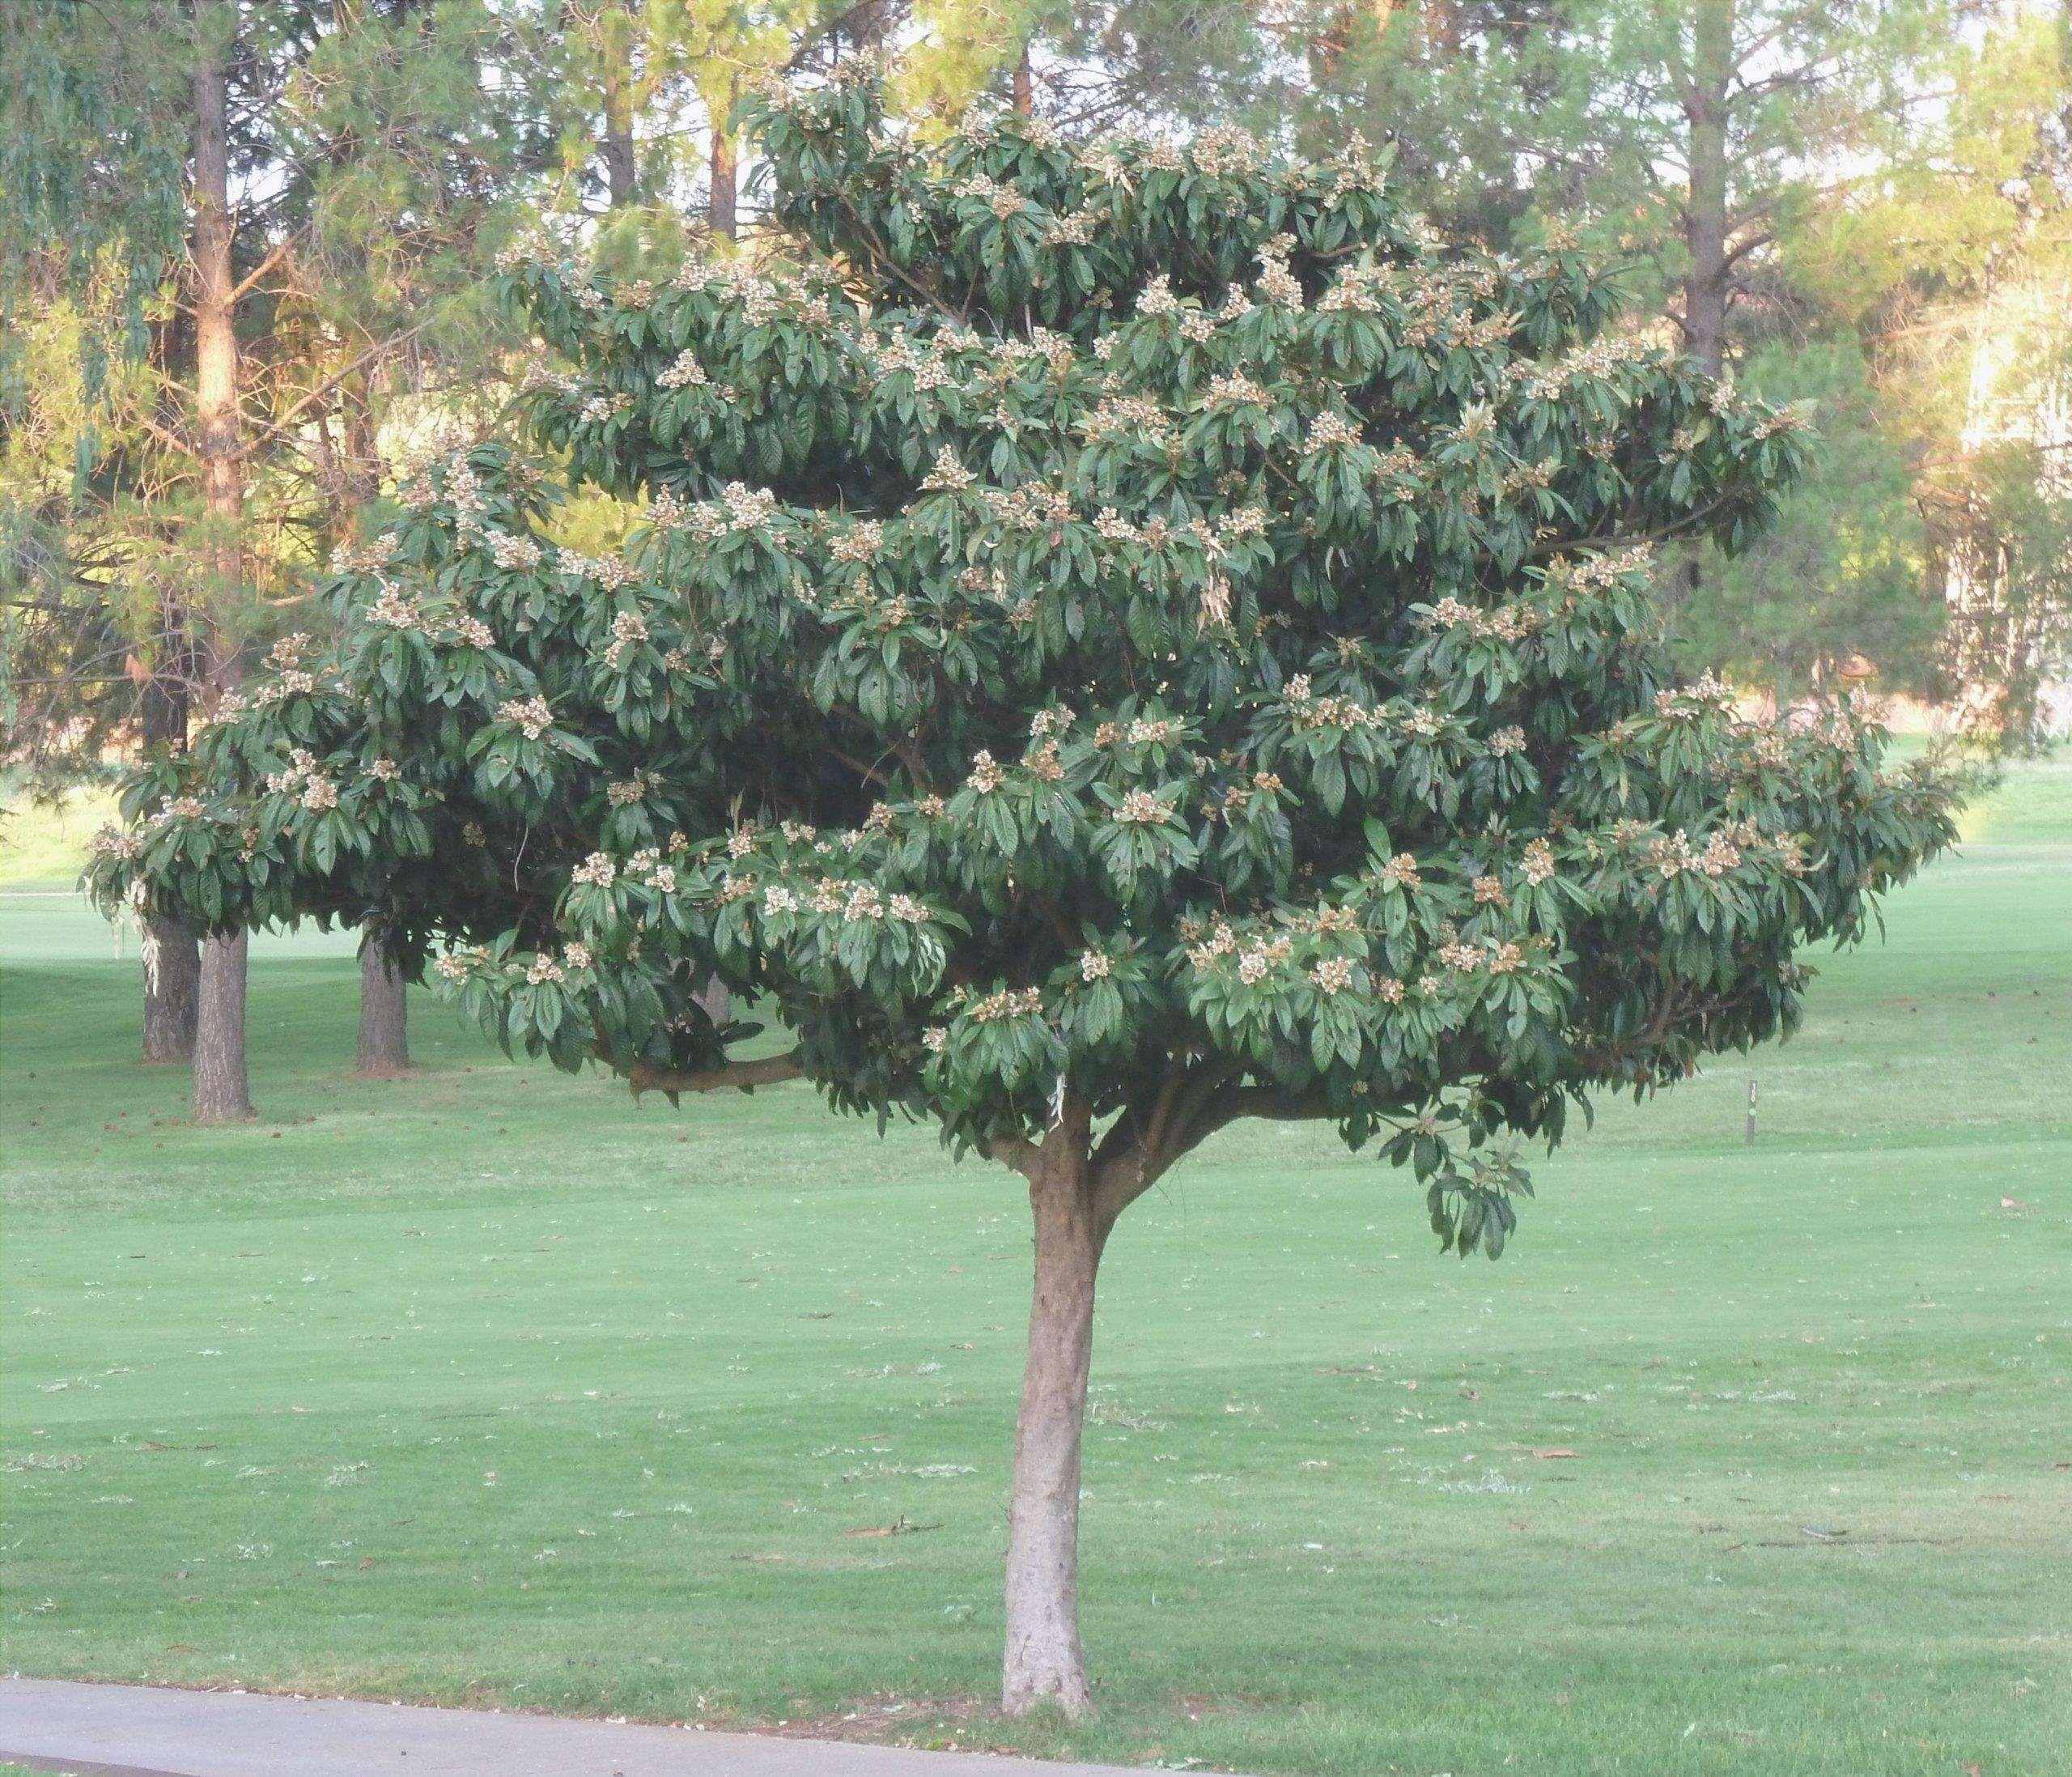 Le nespole sono alberi da frutto